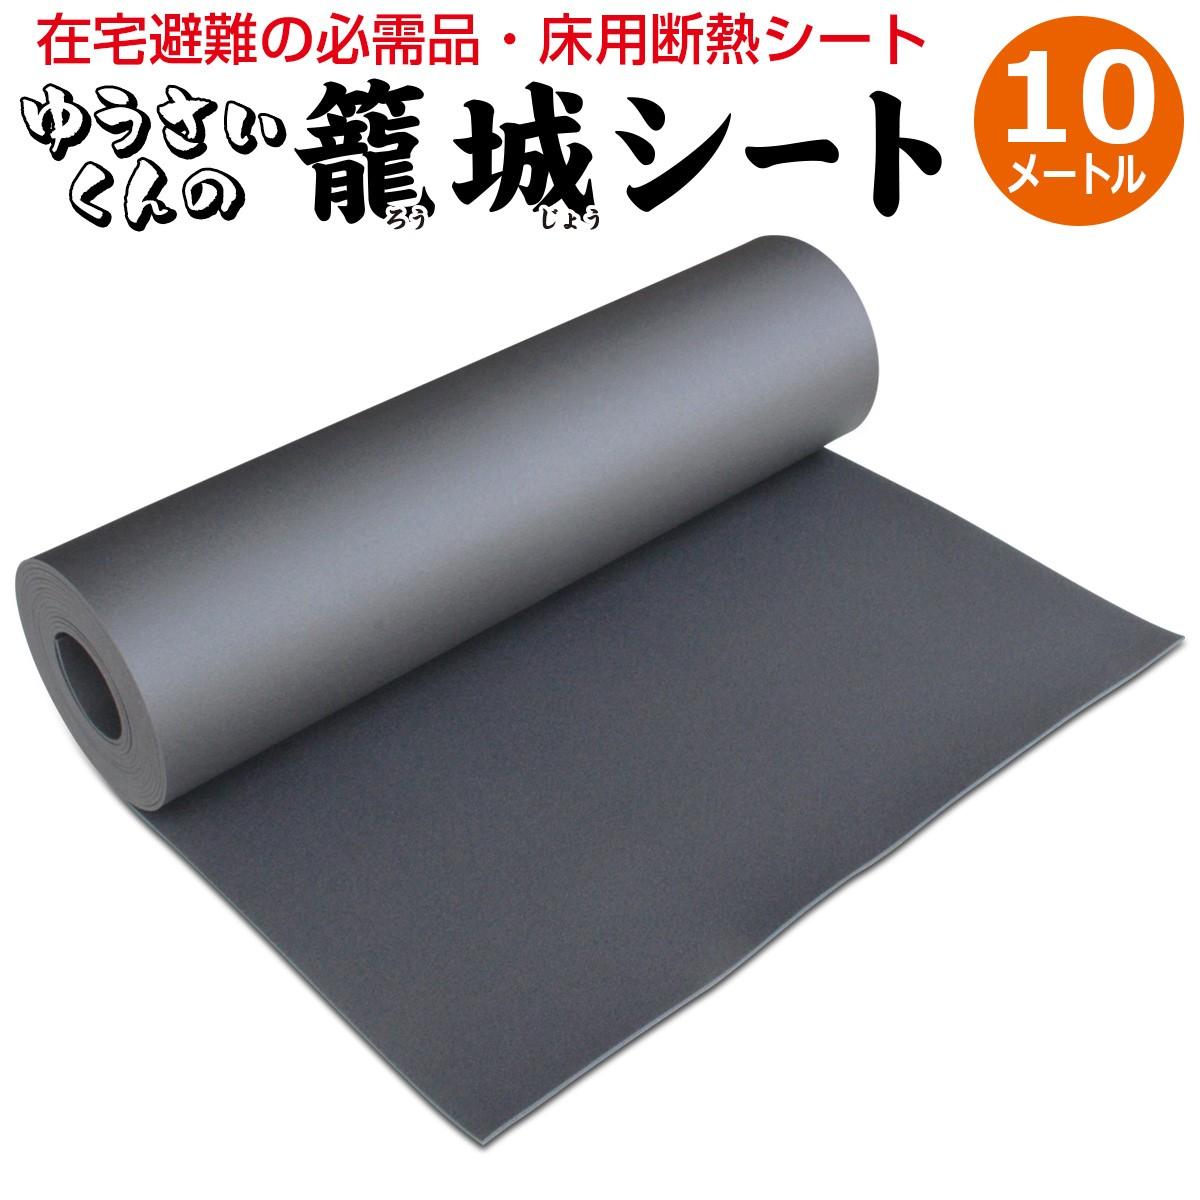 住宅避難の必需品・床用断熱シート ゆうさいくんの籠城シート 10メートル